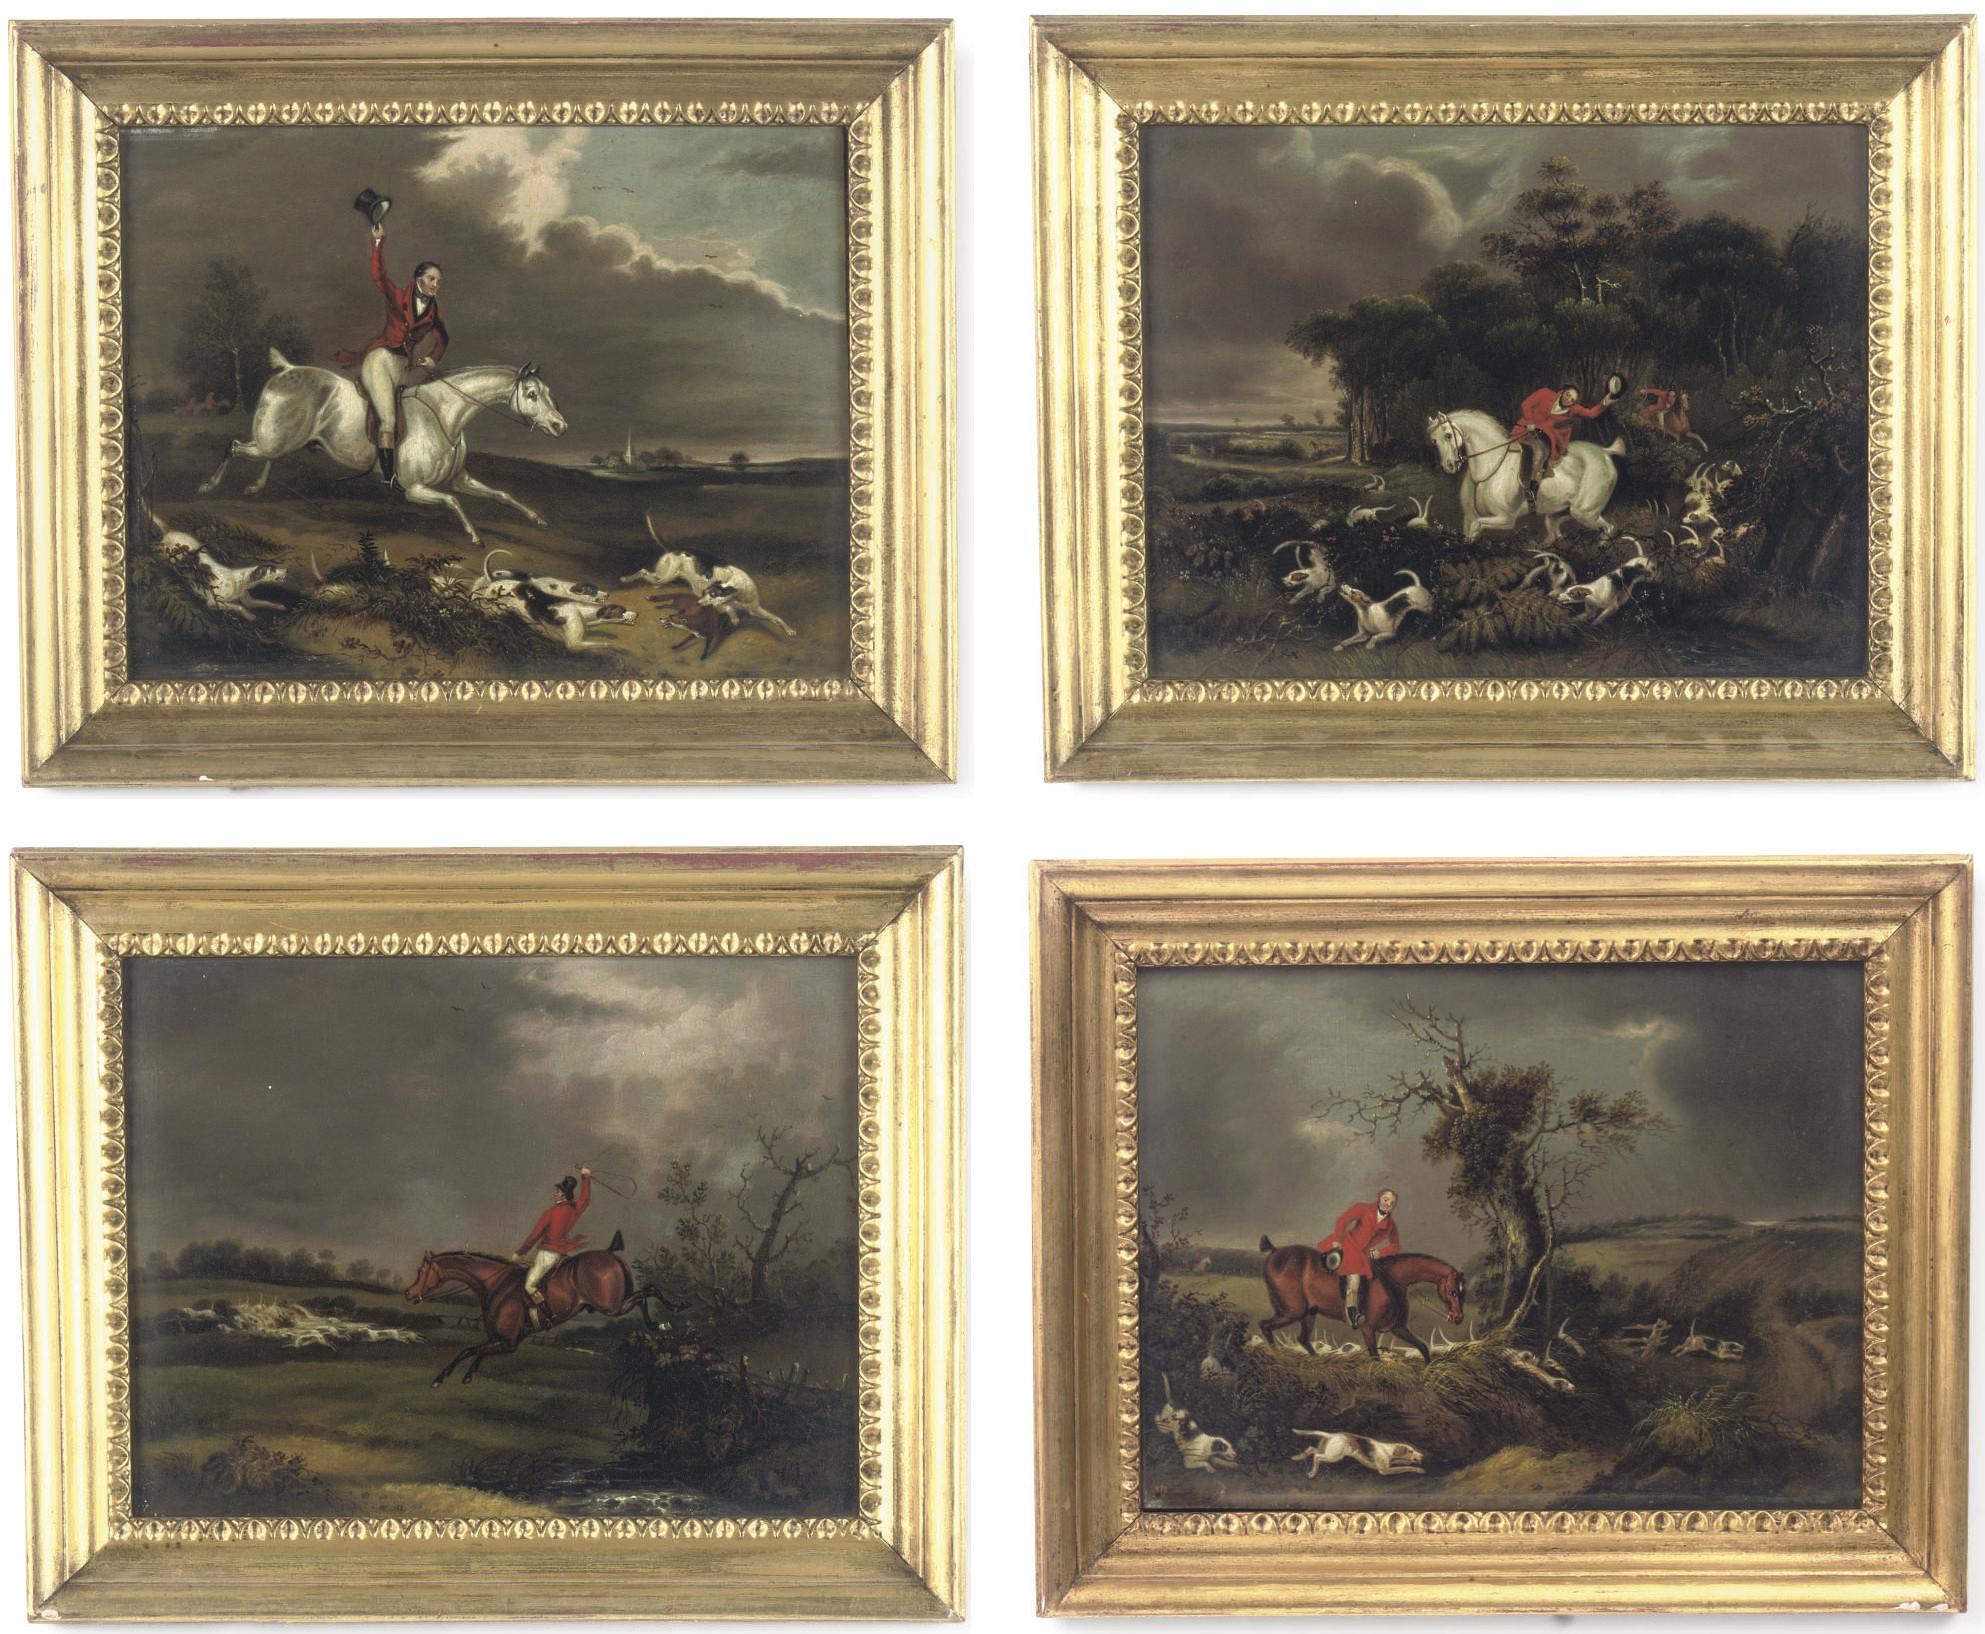 SAMUEL RAVEN (BRITISH, 1775-1847), AFTER F.C.TURNER